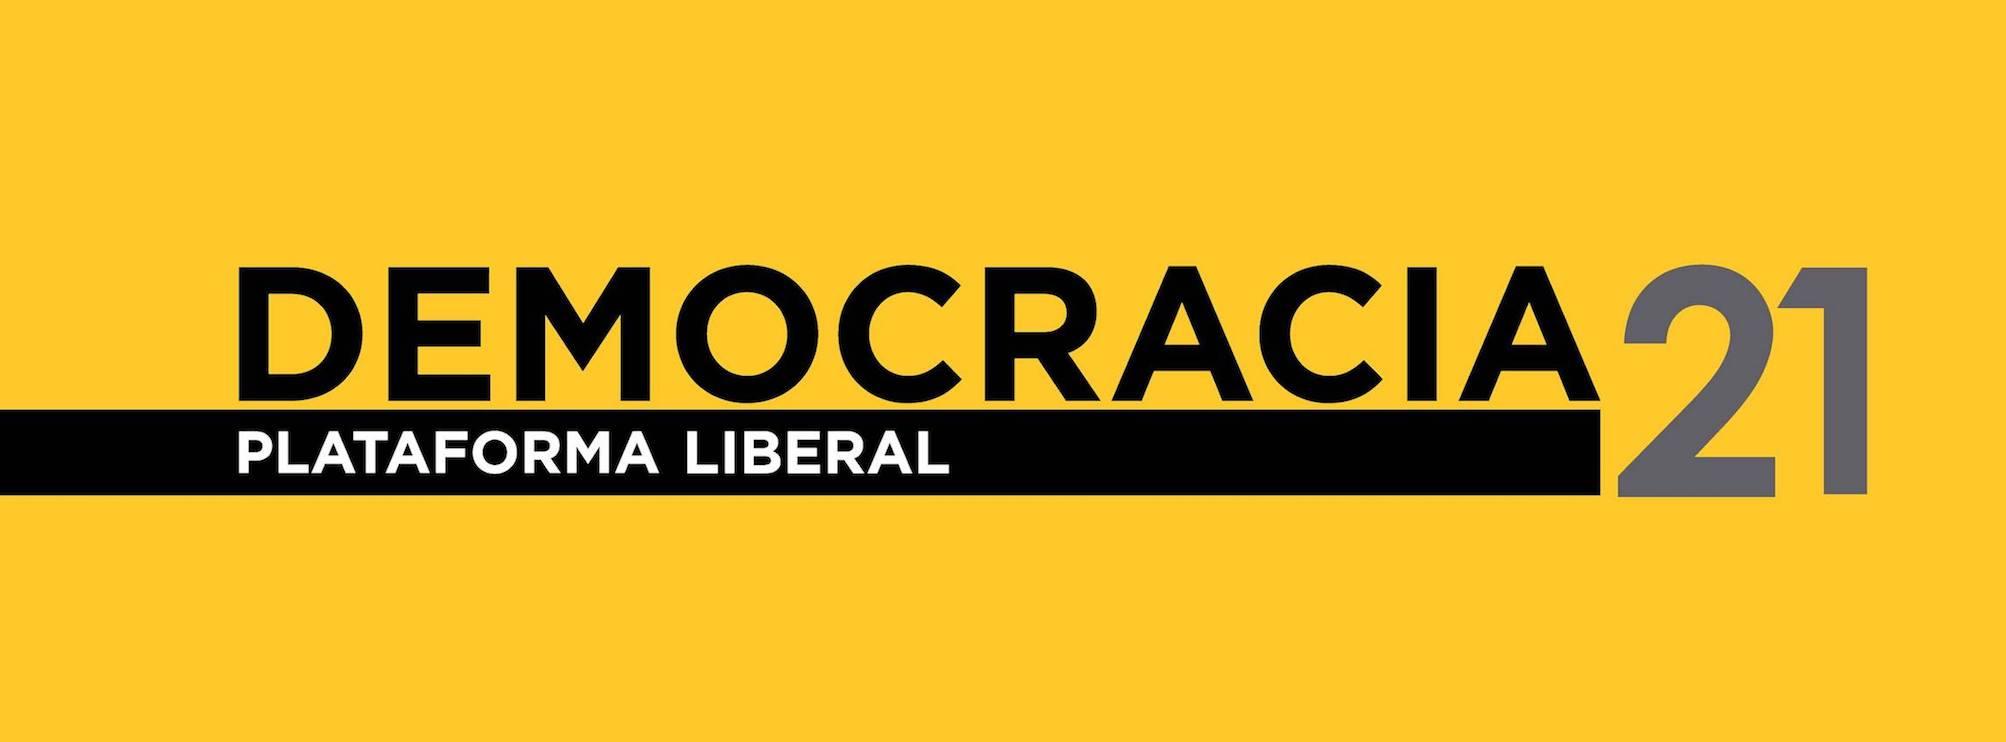 Movimento Democracia 21 apresenta-se à comunidade esta quarta-feira